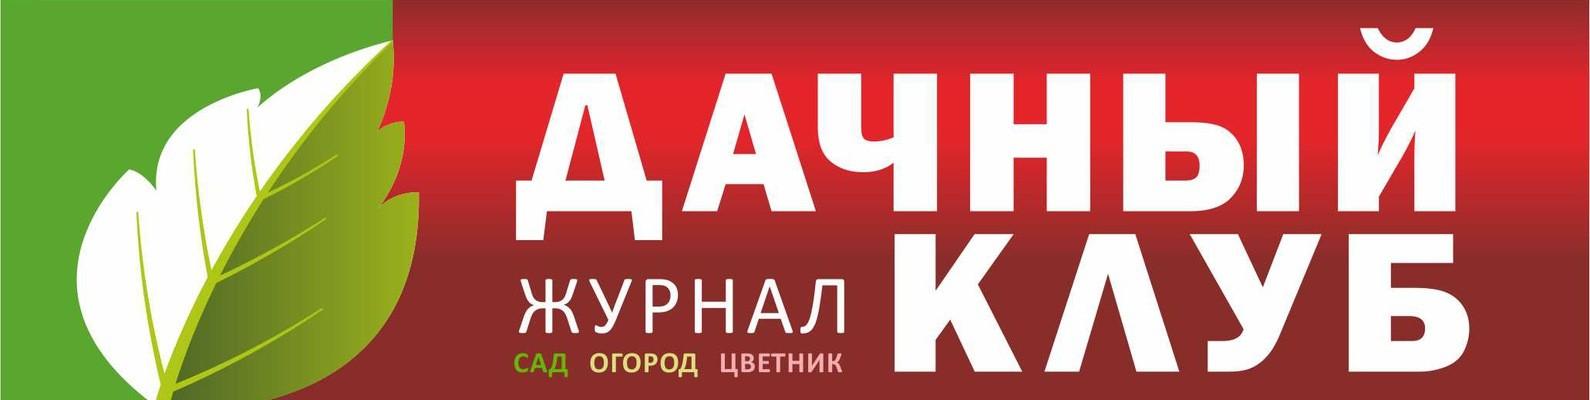 zhurnal-dachnyj-klub-chitat-vse-nomera-onlajn-1